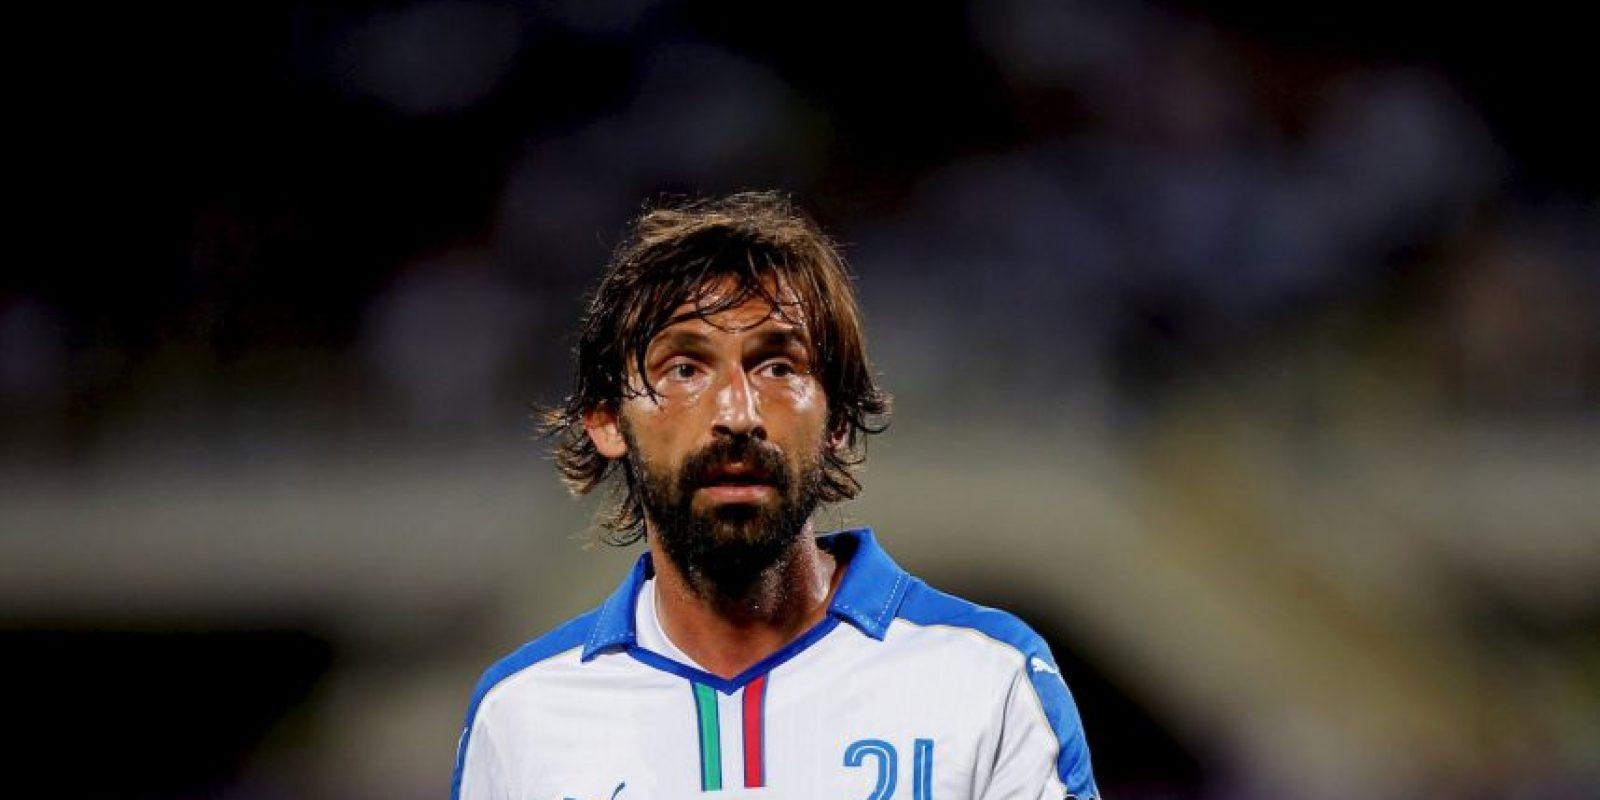 Andrea Pirlo (mediocampista) Foto:Getty Images